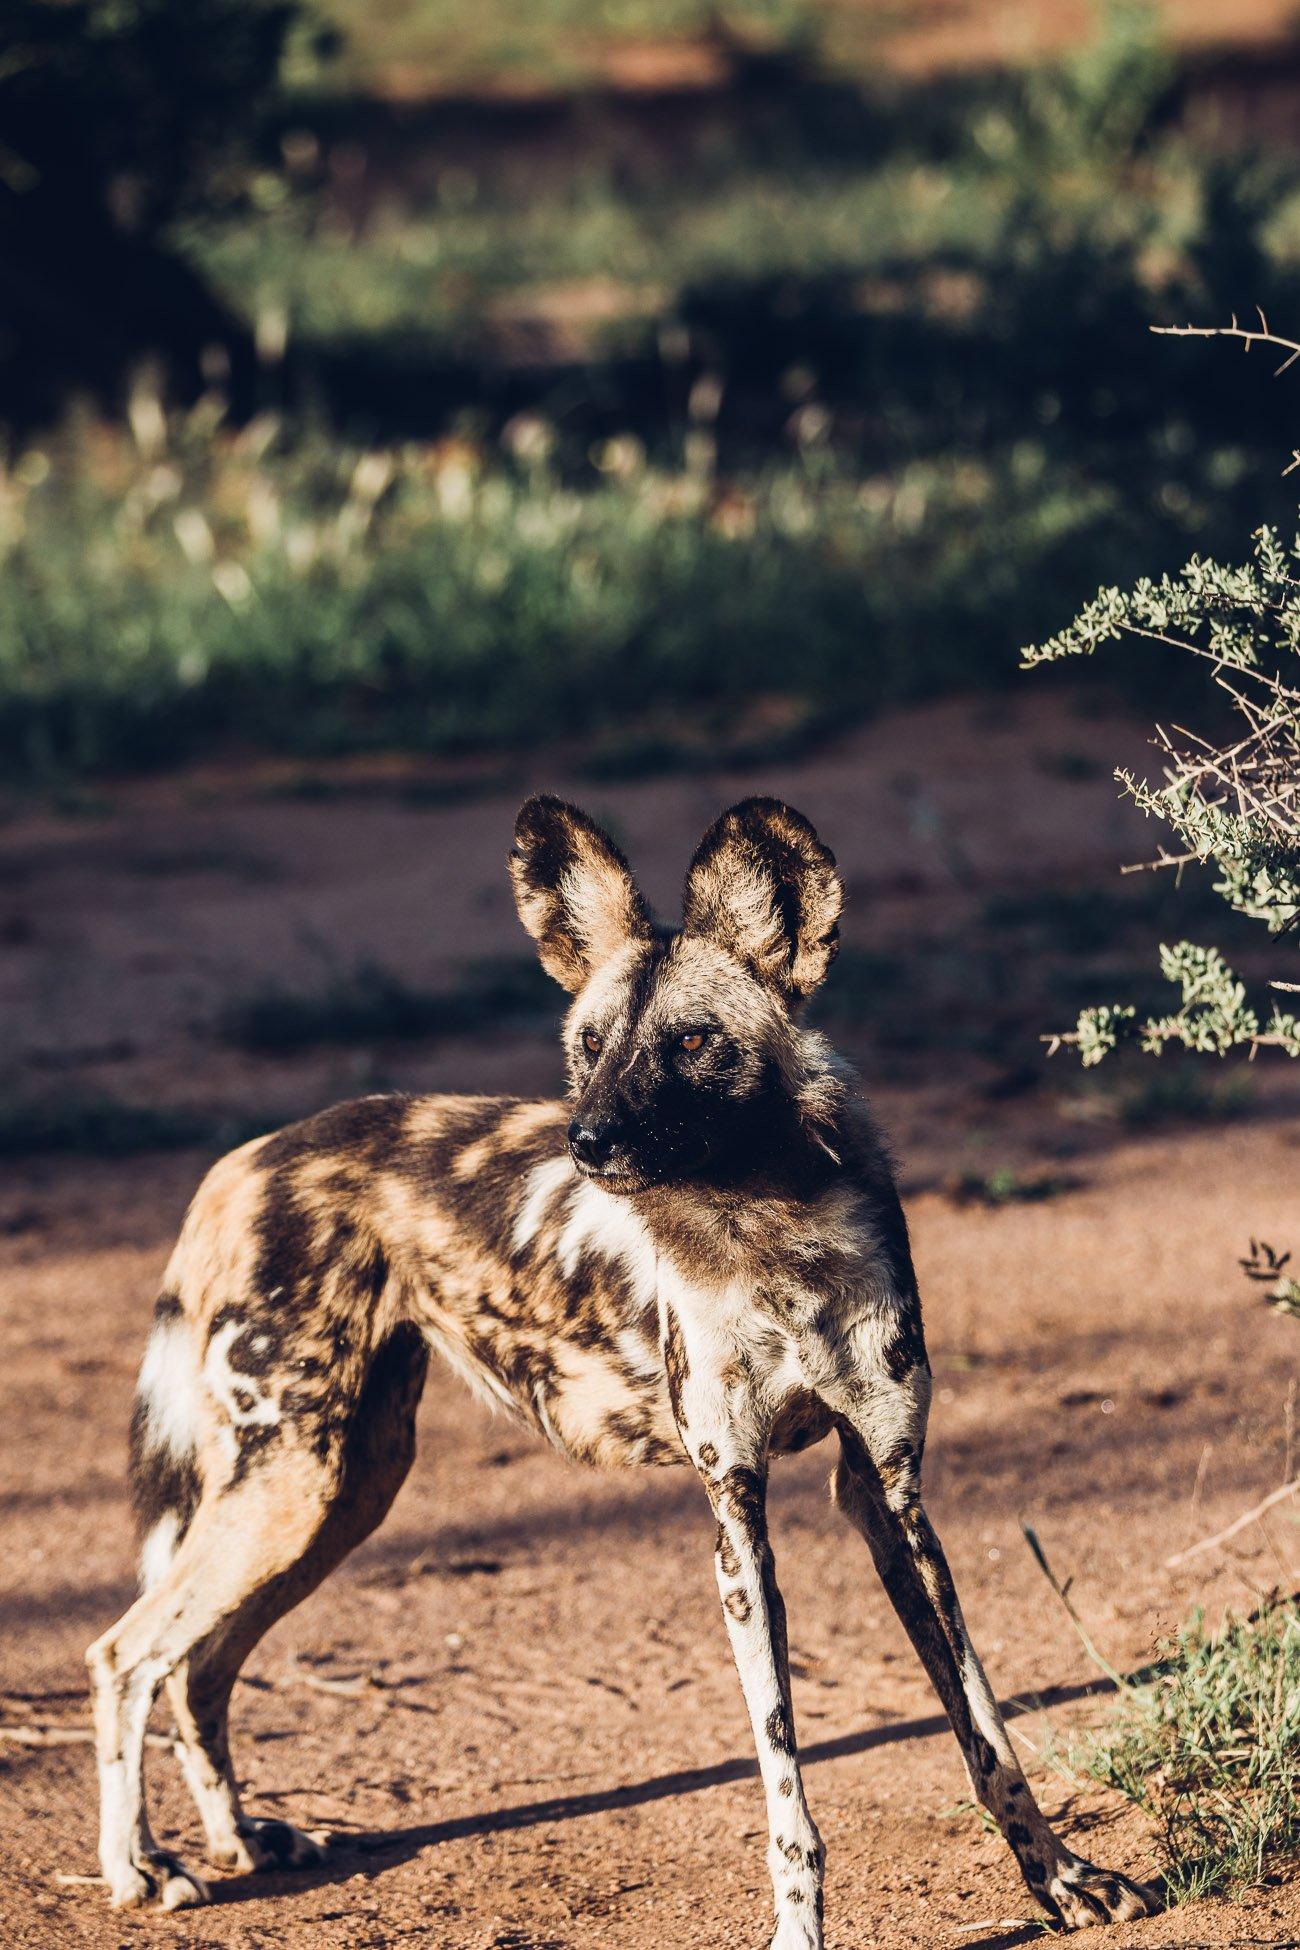 Wild Dog at a Safari in Namibia